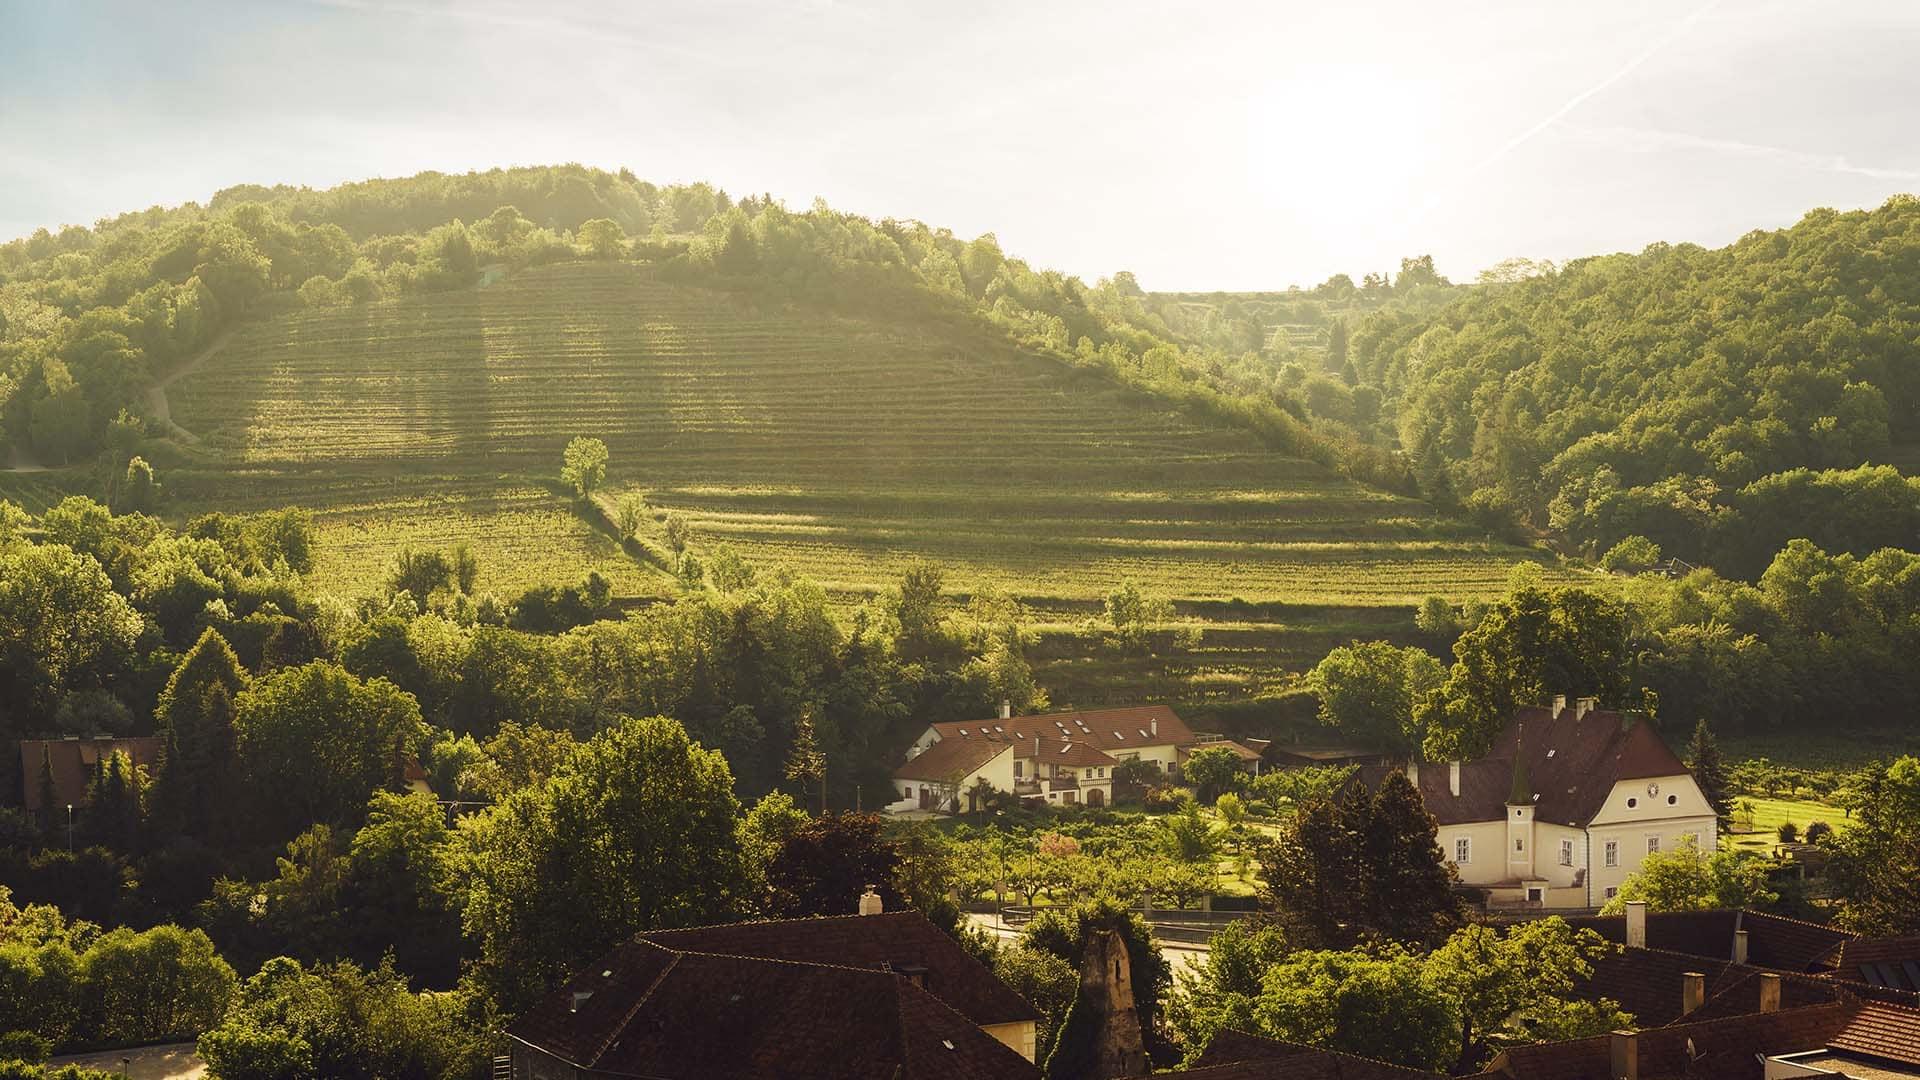 weinbaugebiet_kremstal_niederoesterreich_landschaft_sehenswuerdigkeit (3)